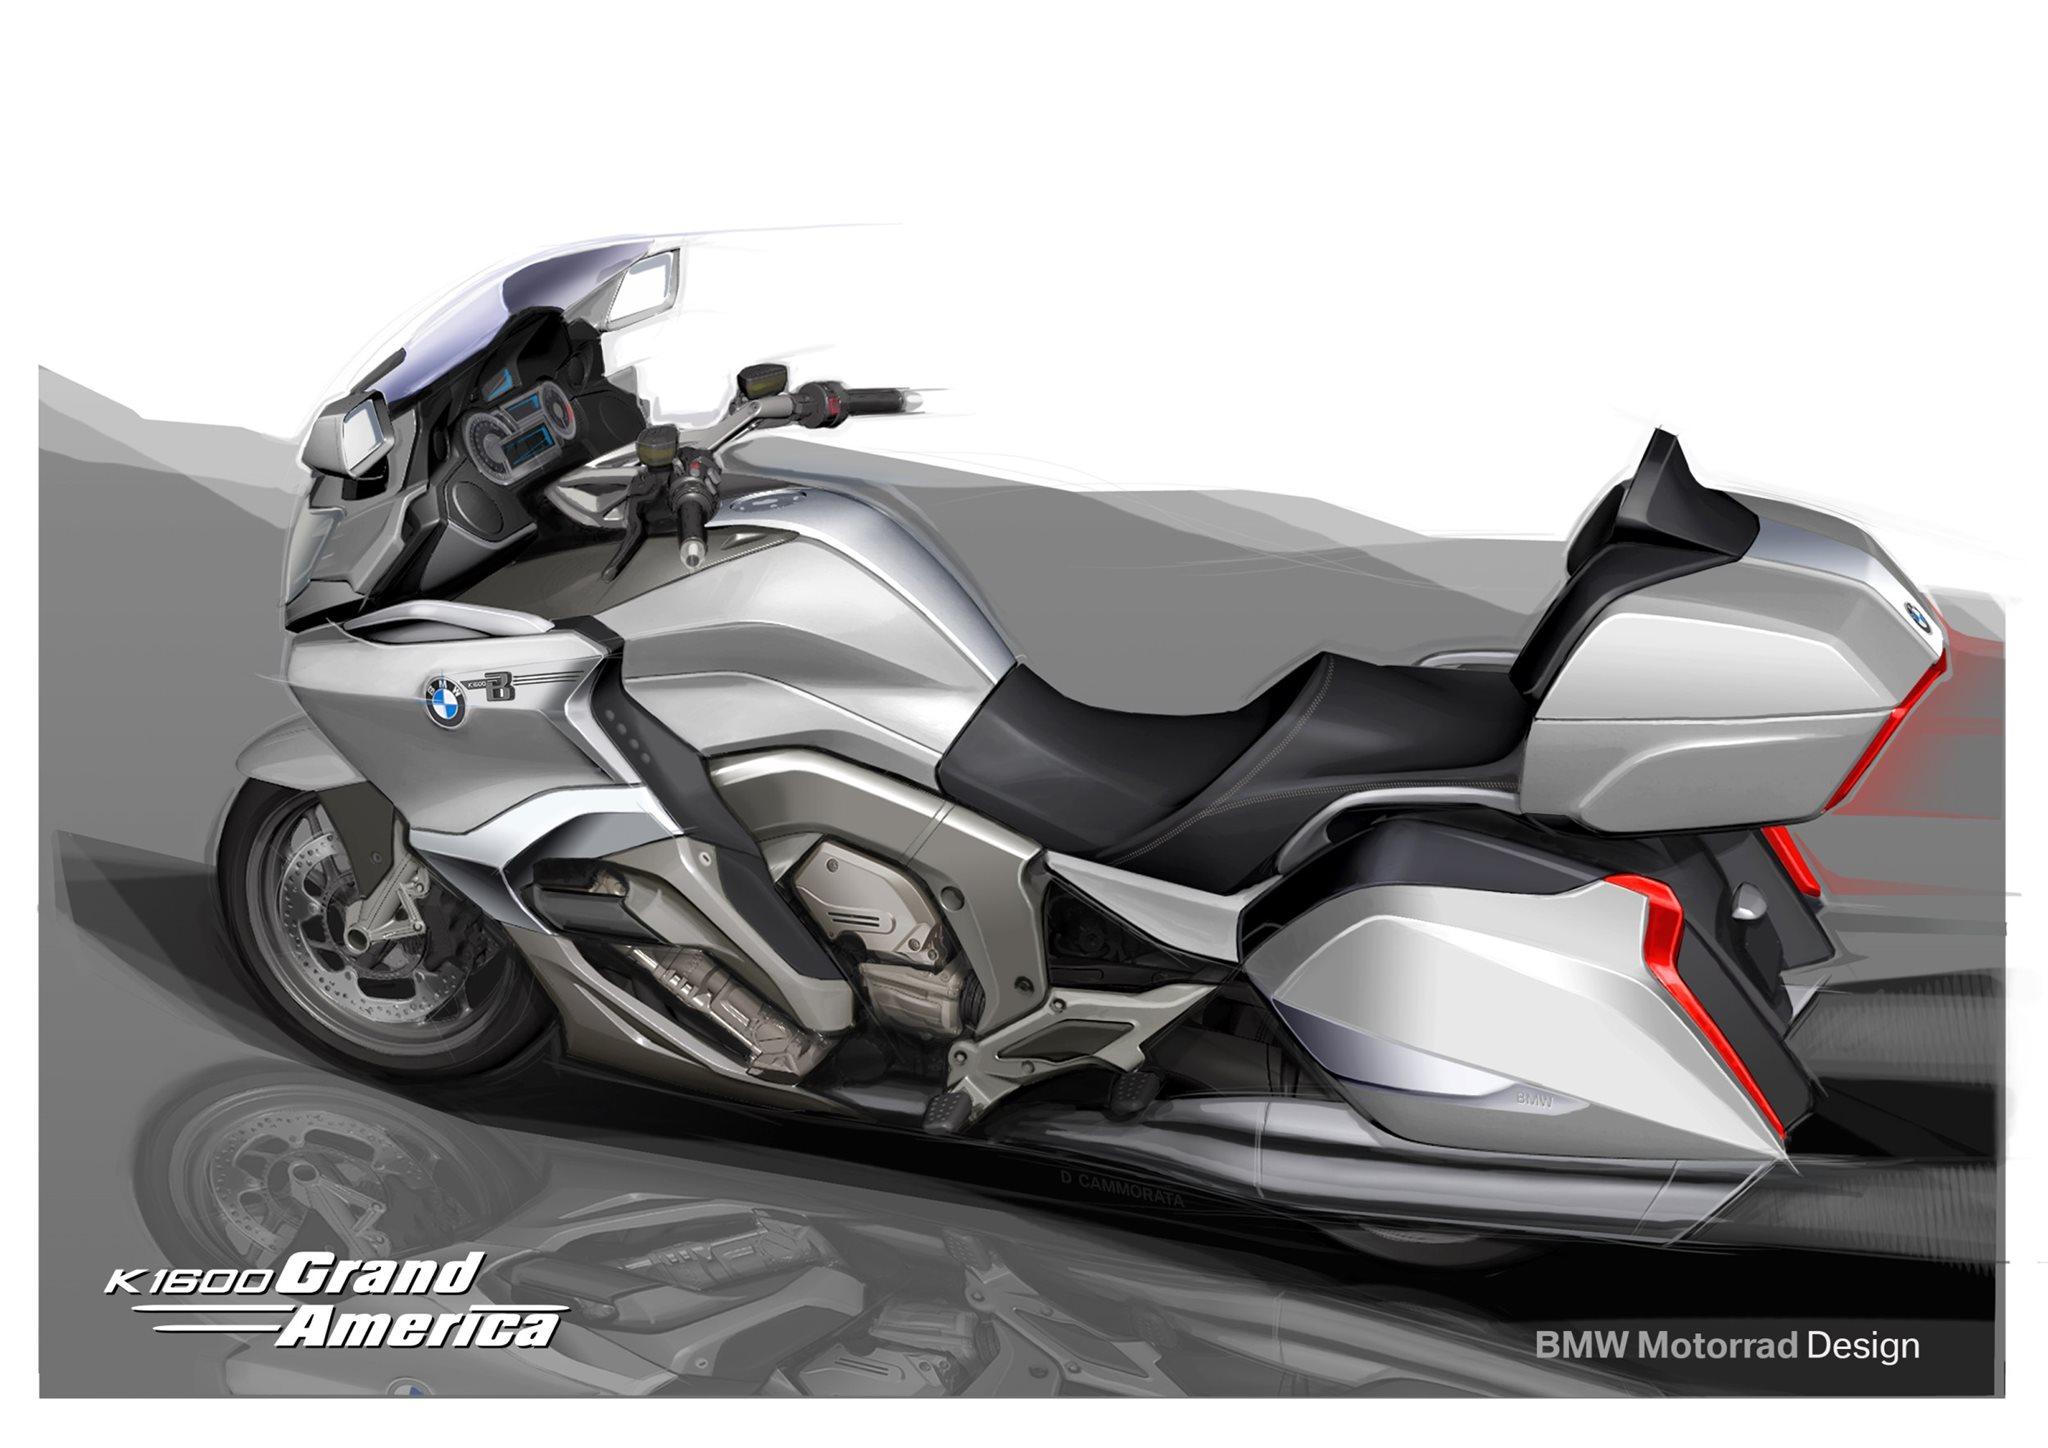 Bmw Motorrad Neuheiten 2018 K 1600 Grand America Modellnews